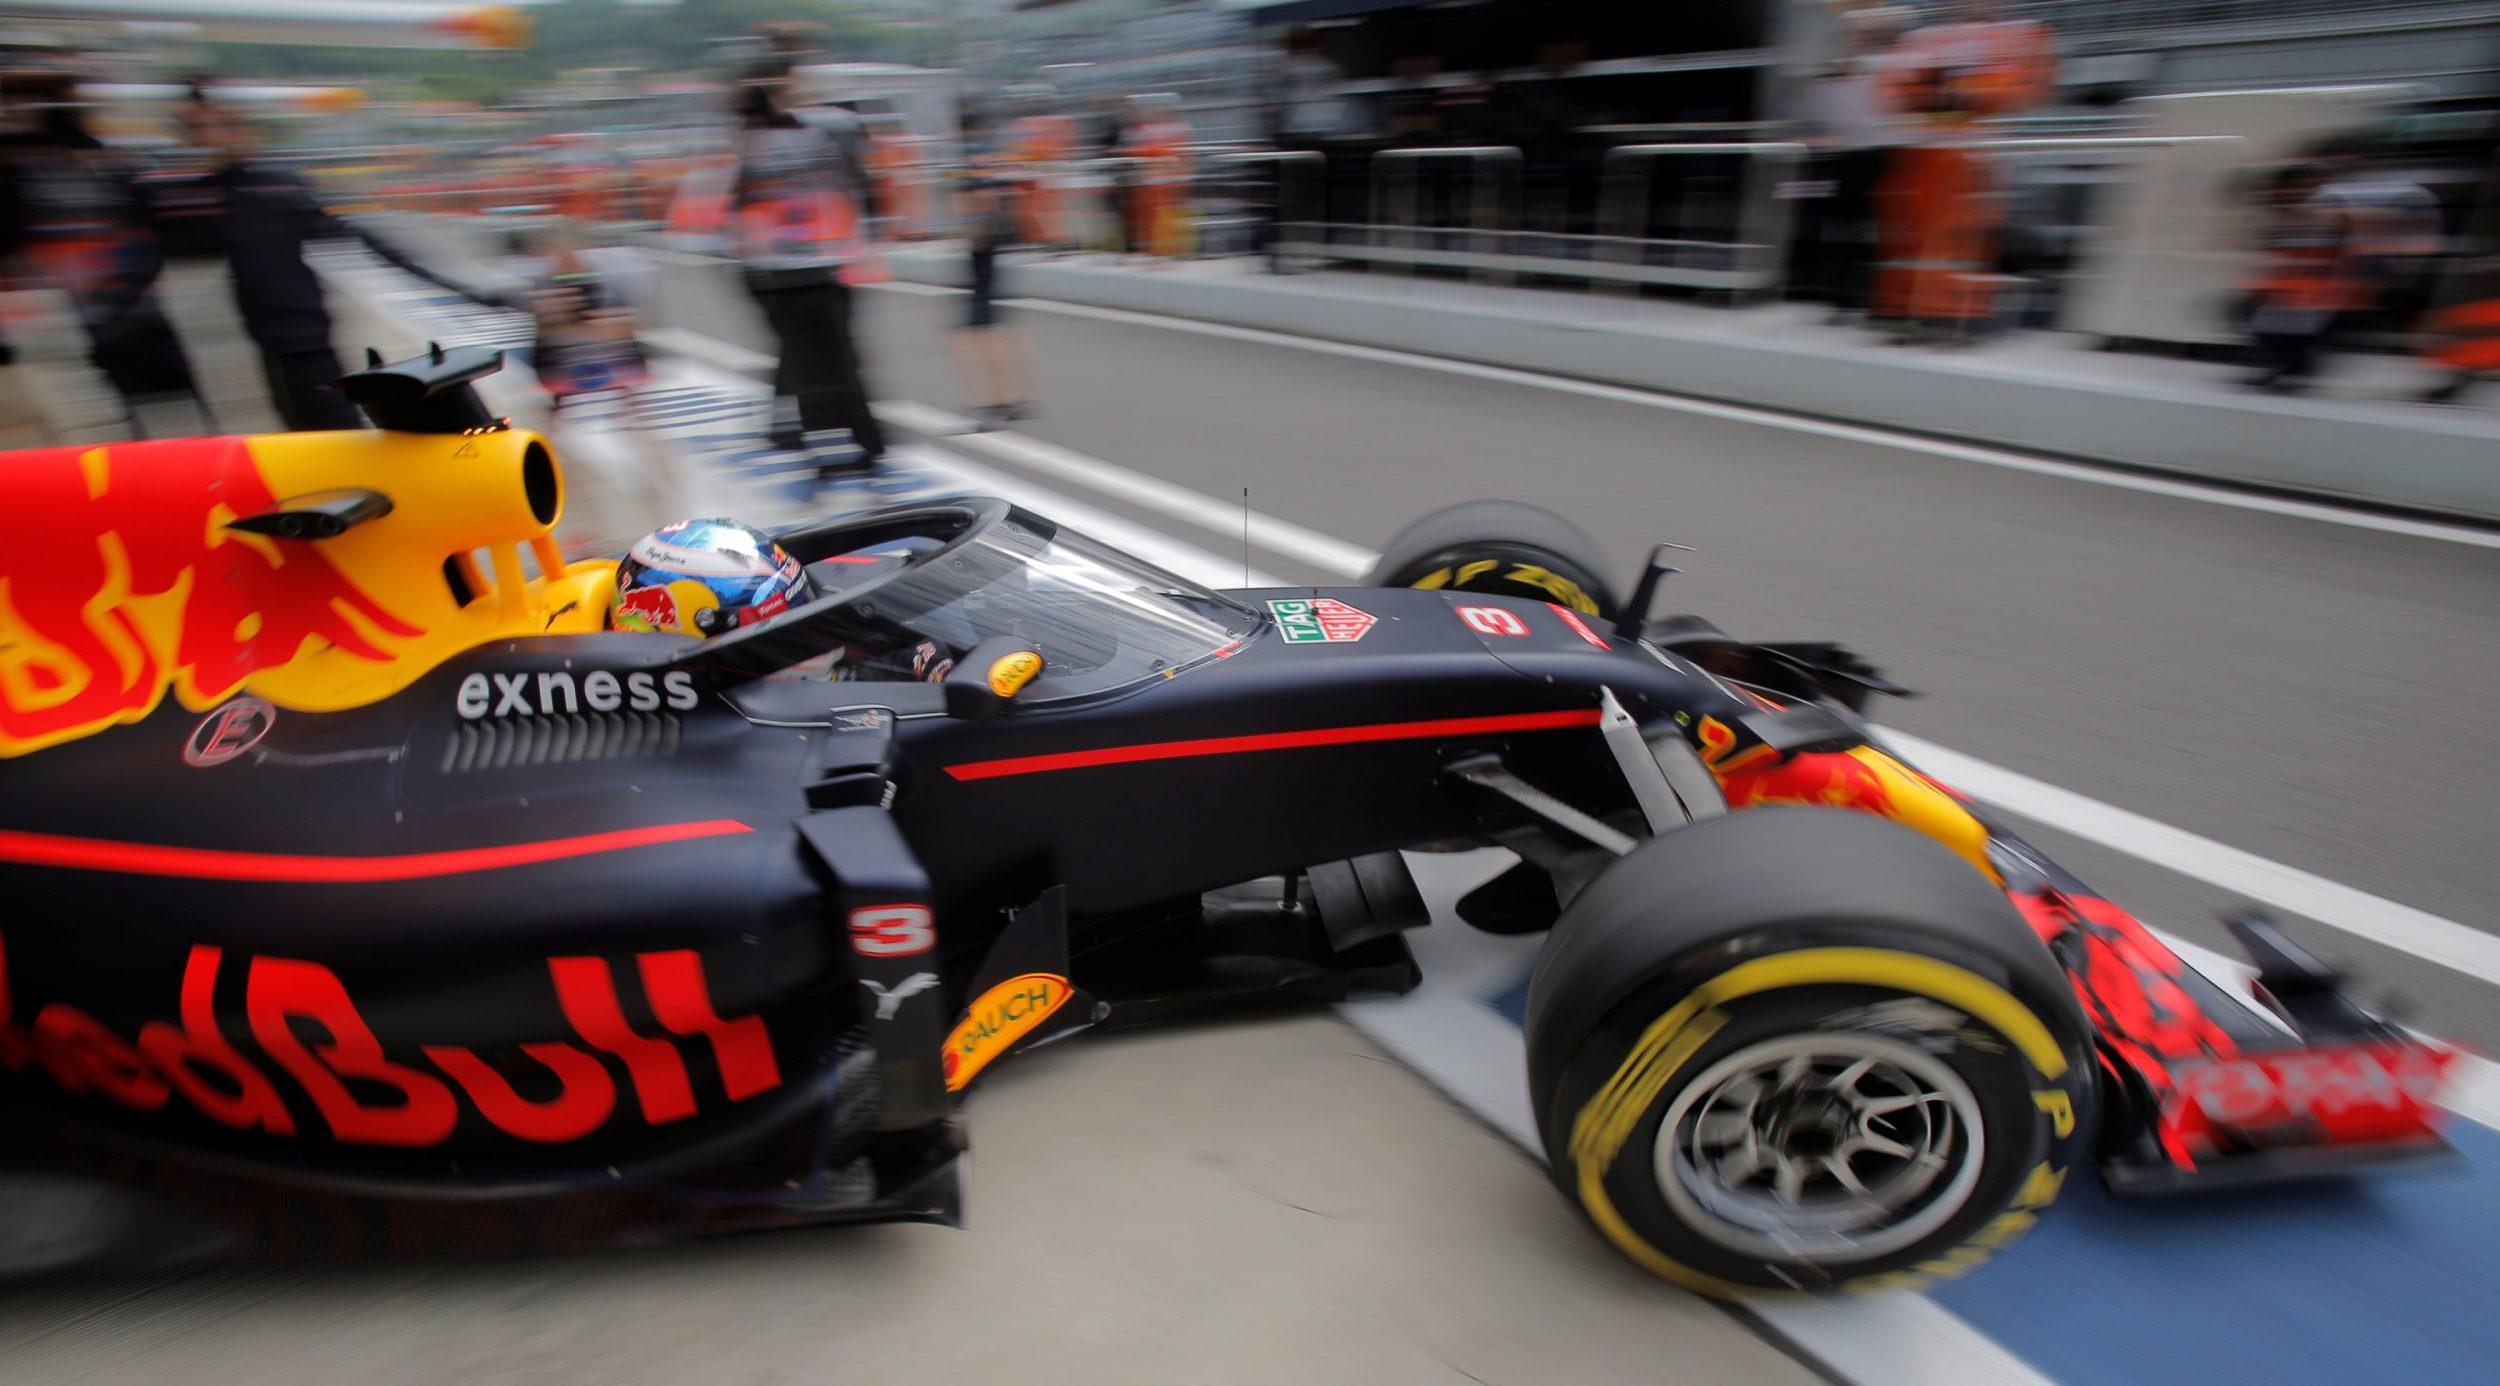 De voorruit op de auto van Daniel Ricciardo. Foto: Reuters